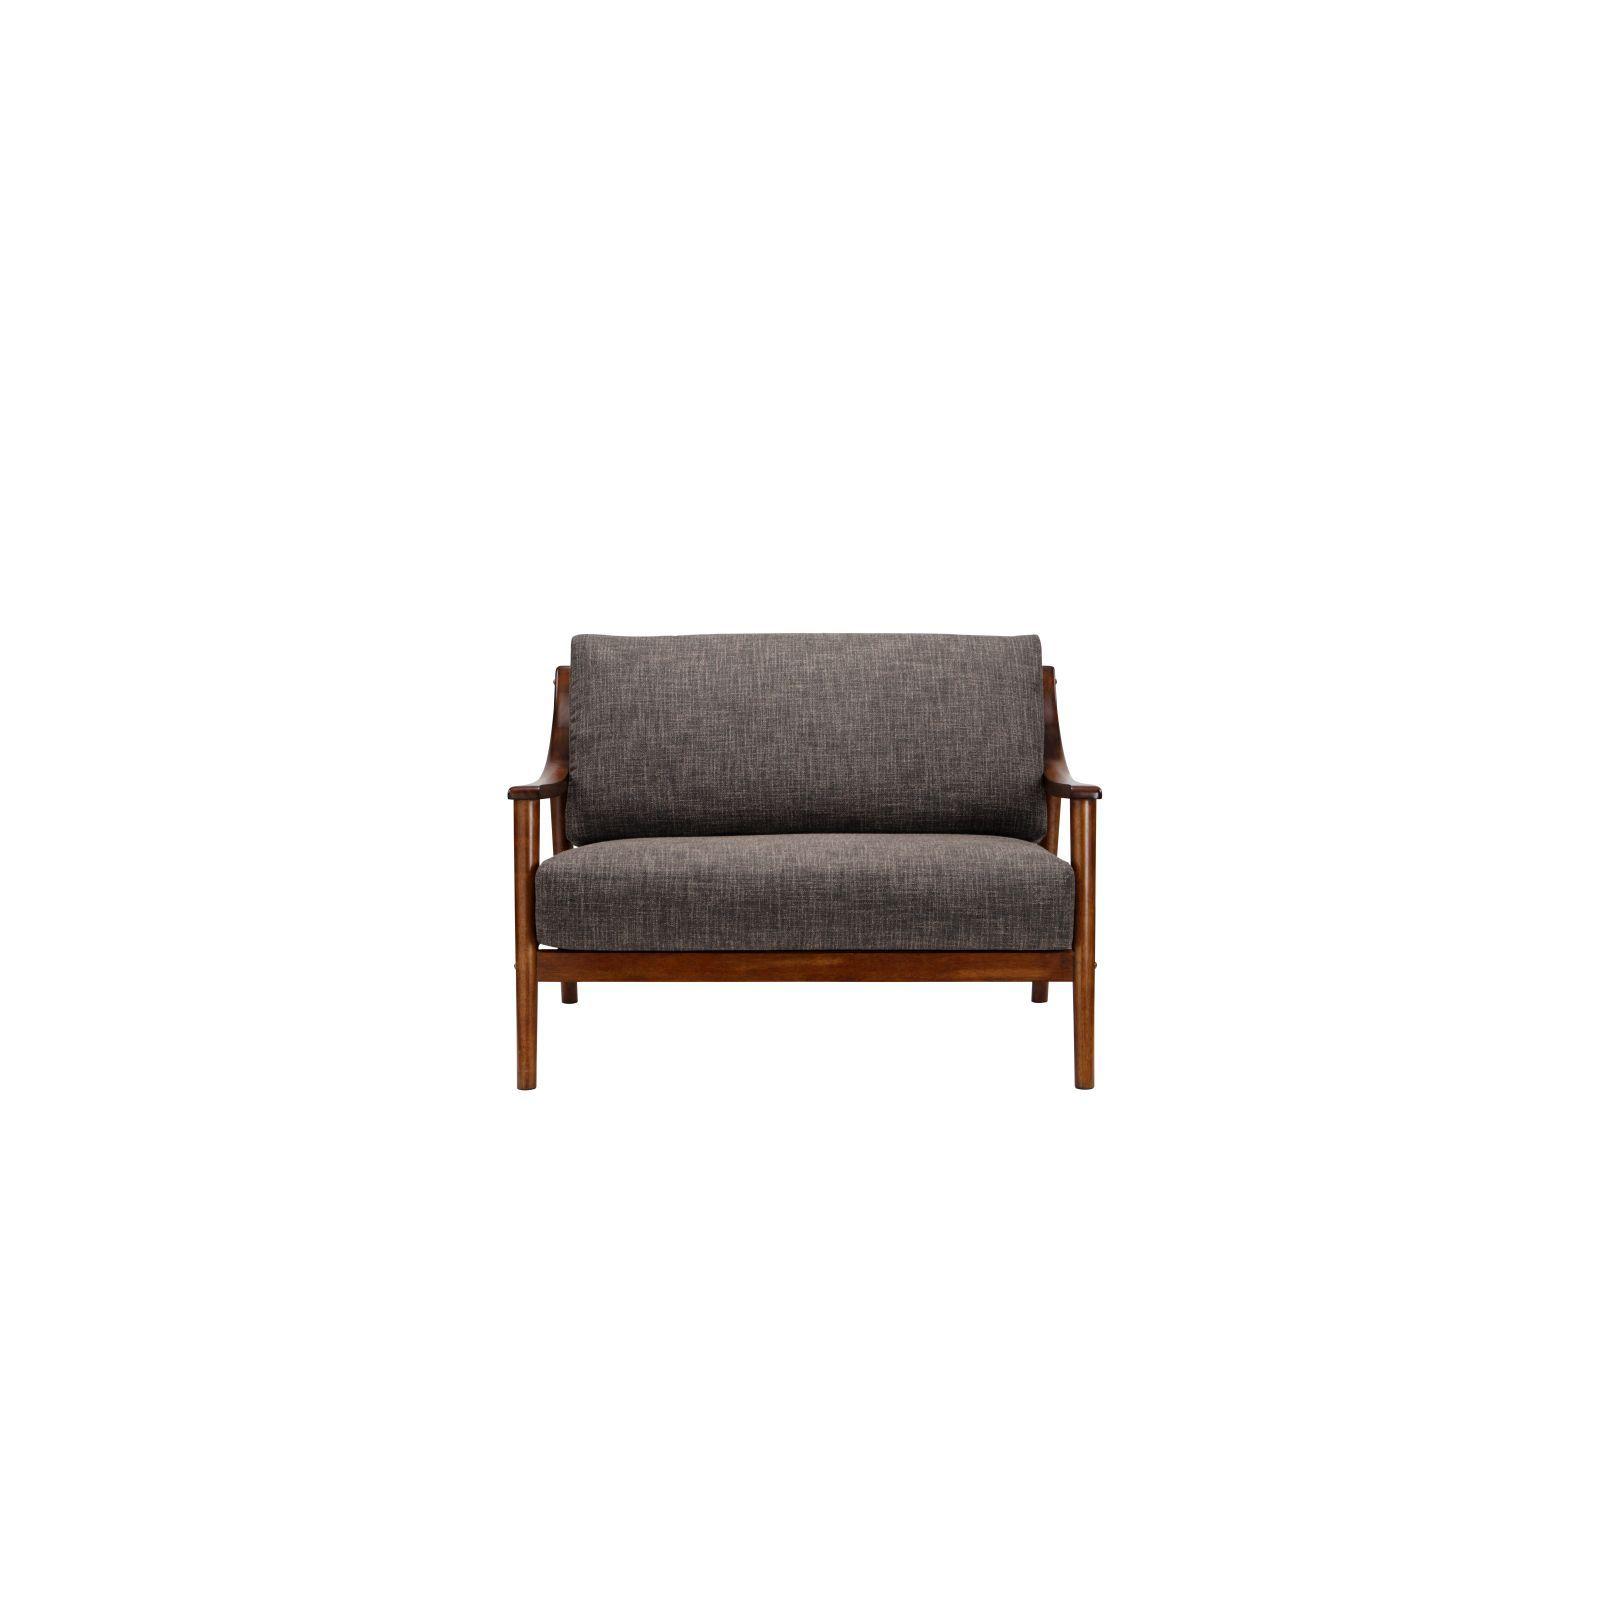 Brennan 2 Seater (Fab) Lava Fabric Sofa – Sofa & Armchairs Throughout Brennan Sofa Chairs (Image 2 of 20)